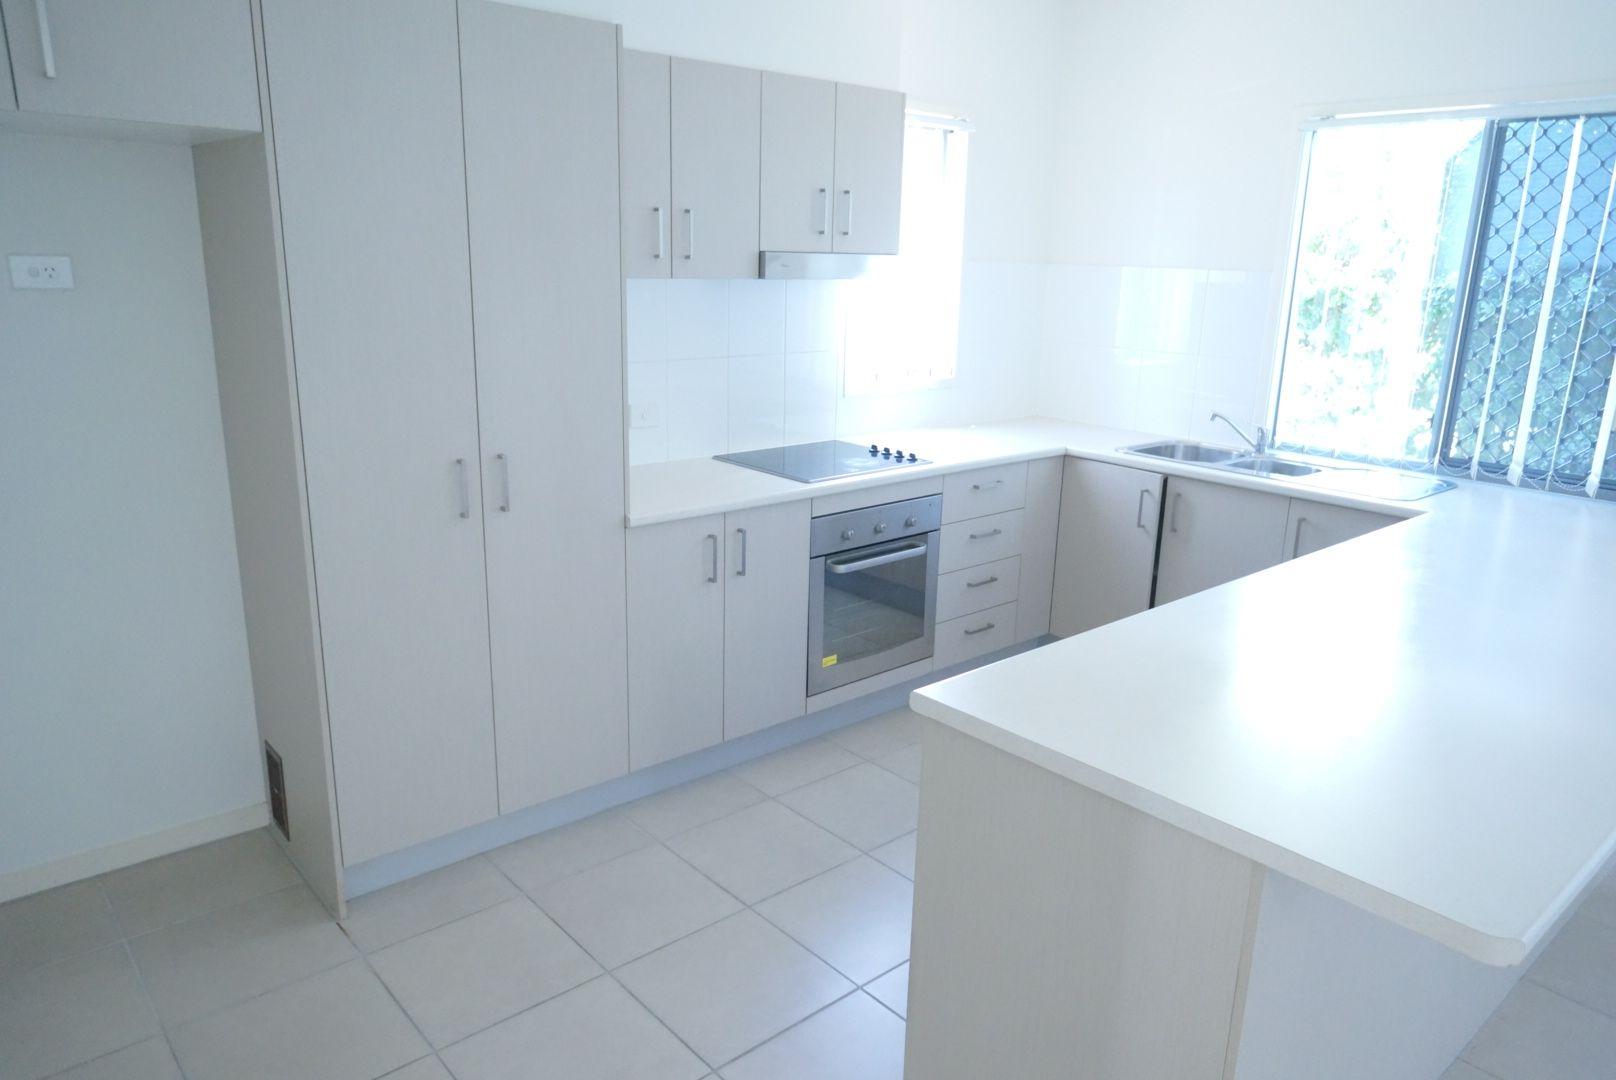 7/127 Duffield road, Kallangur QLD 4503, Image 1